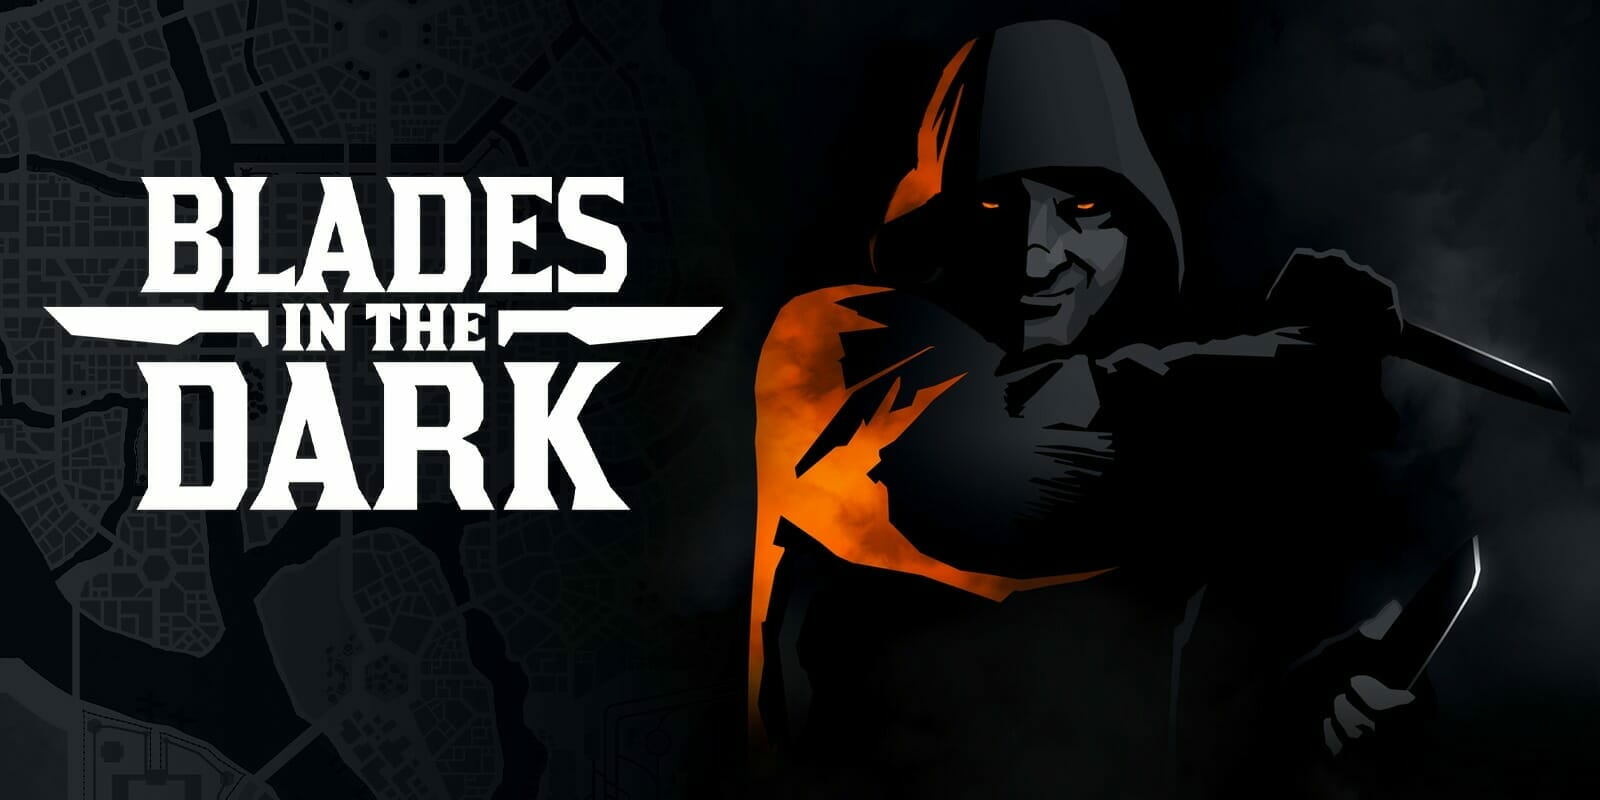 blades-in-the-dark-banner.jpg